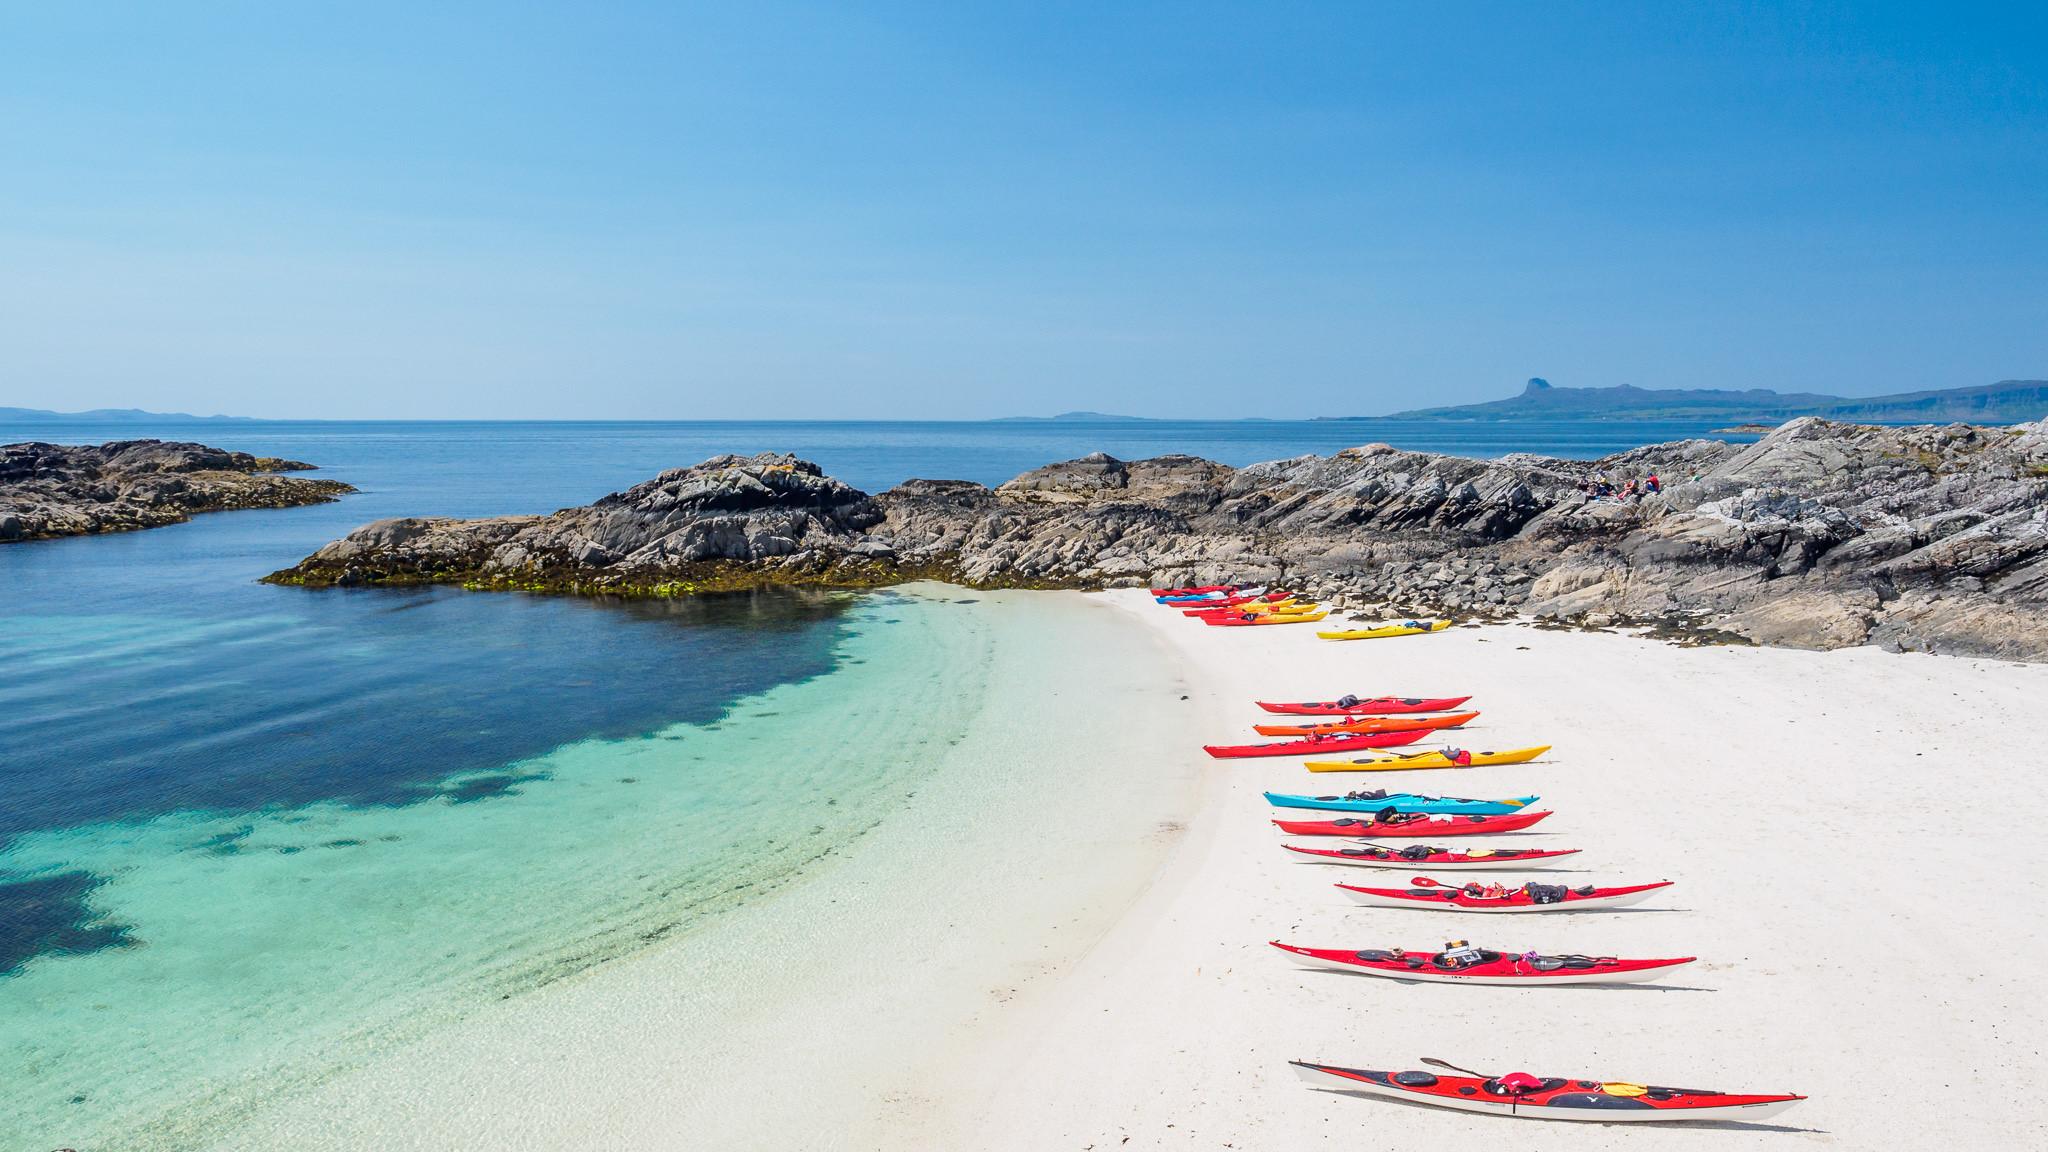 Kayak en playas - 2048x1152